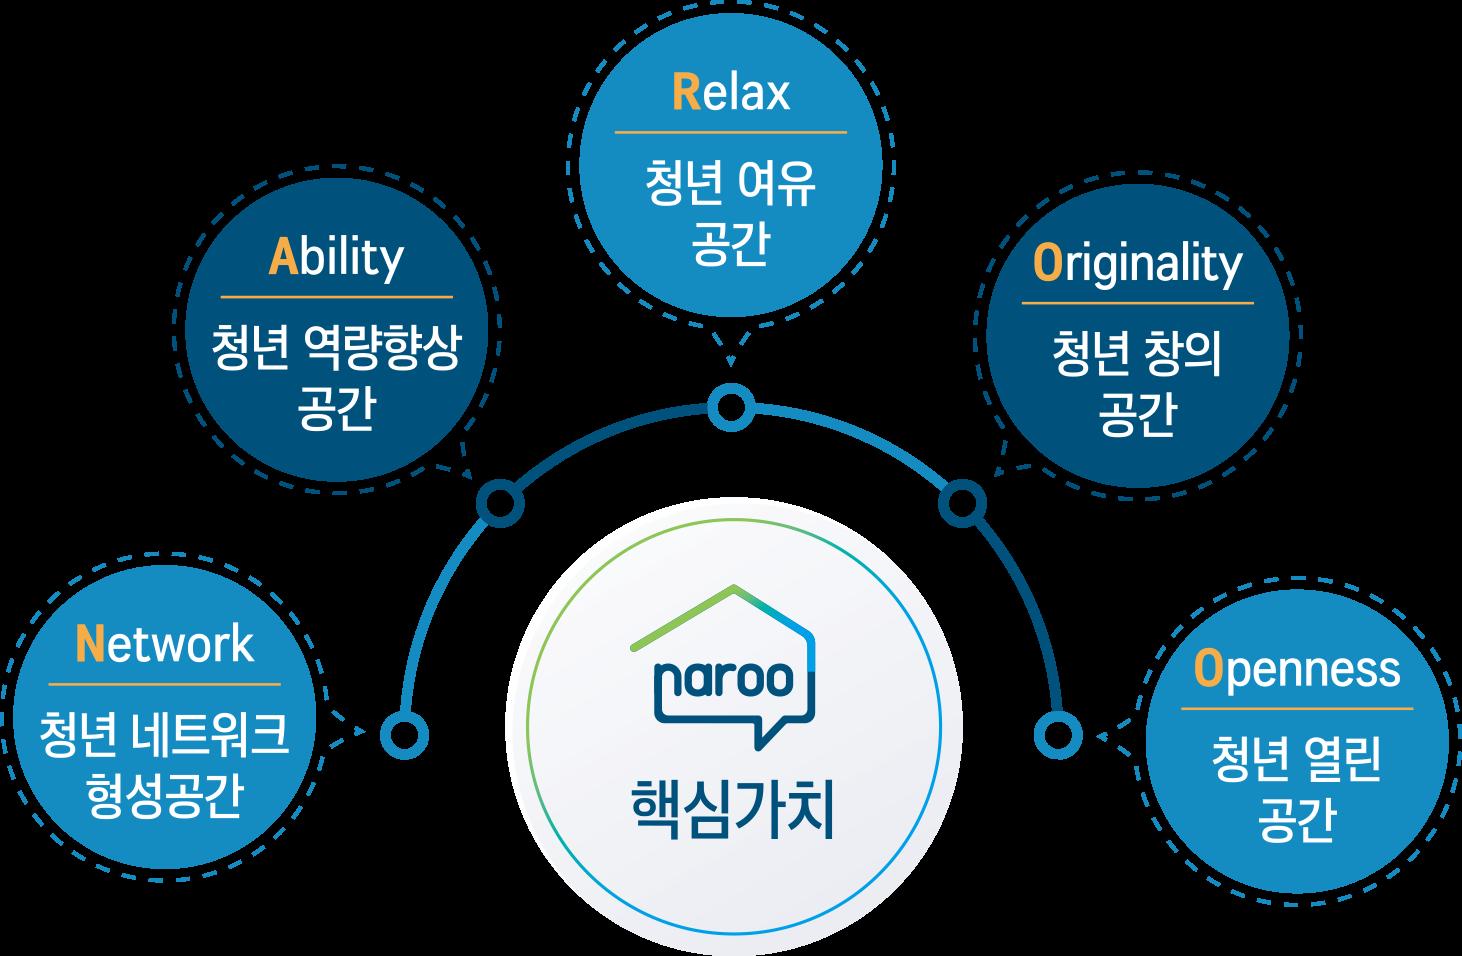 핵심가치 - 청년 열린공간(Openness),청년 창의공간(Originality), 청년 여유공간(Relax), 청년 역량향상공간(Ability), 청년 네트워크 형성공간(Network)